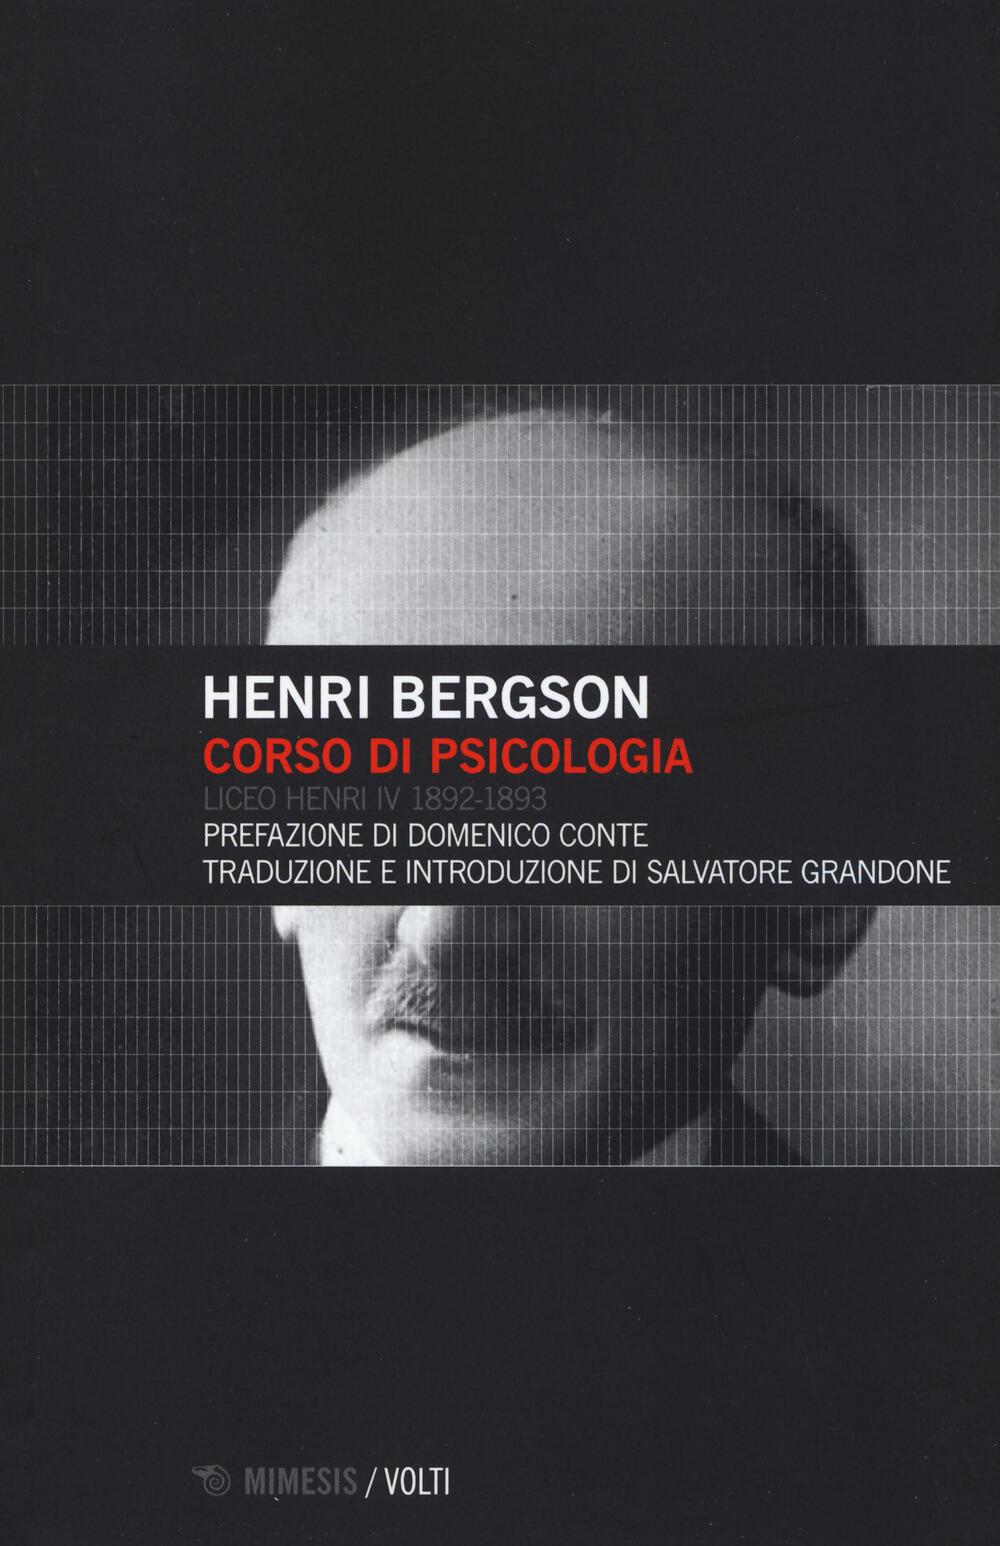 Risultati immagini per Henri bergson corso di psicologia